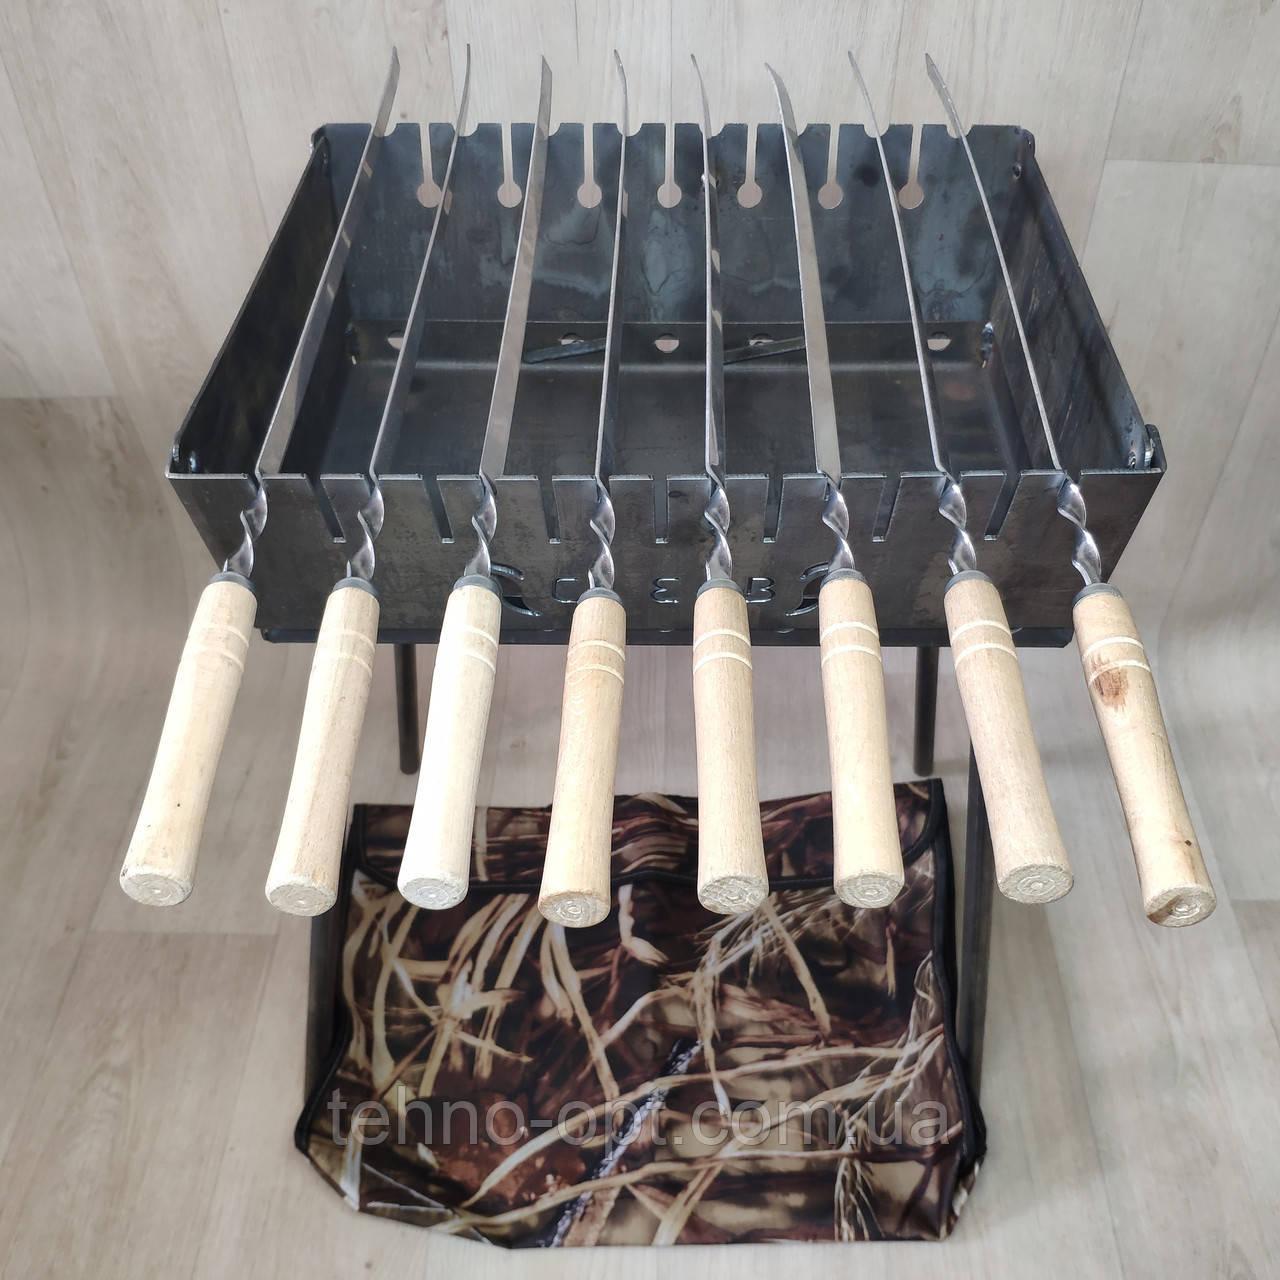 Мангал Огонёк раскладной на 8 шампуров 2 мм чемодан  с шампурами 8 шт и чехлом С,Е,В